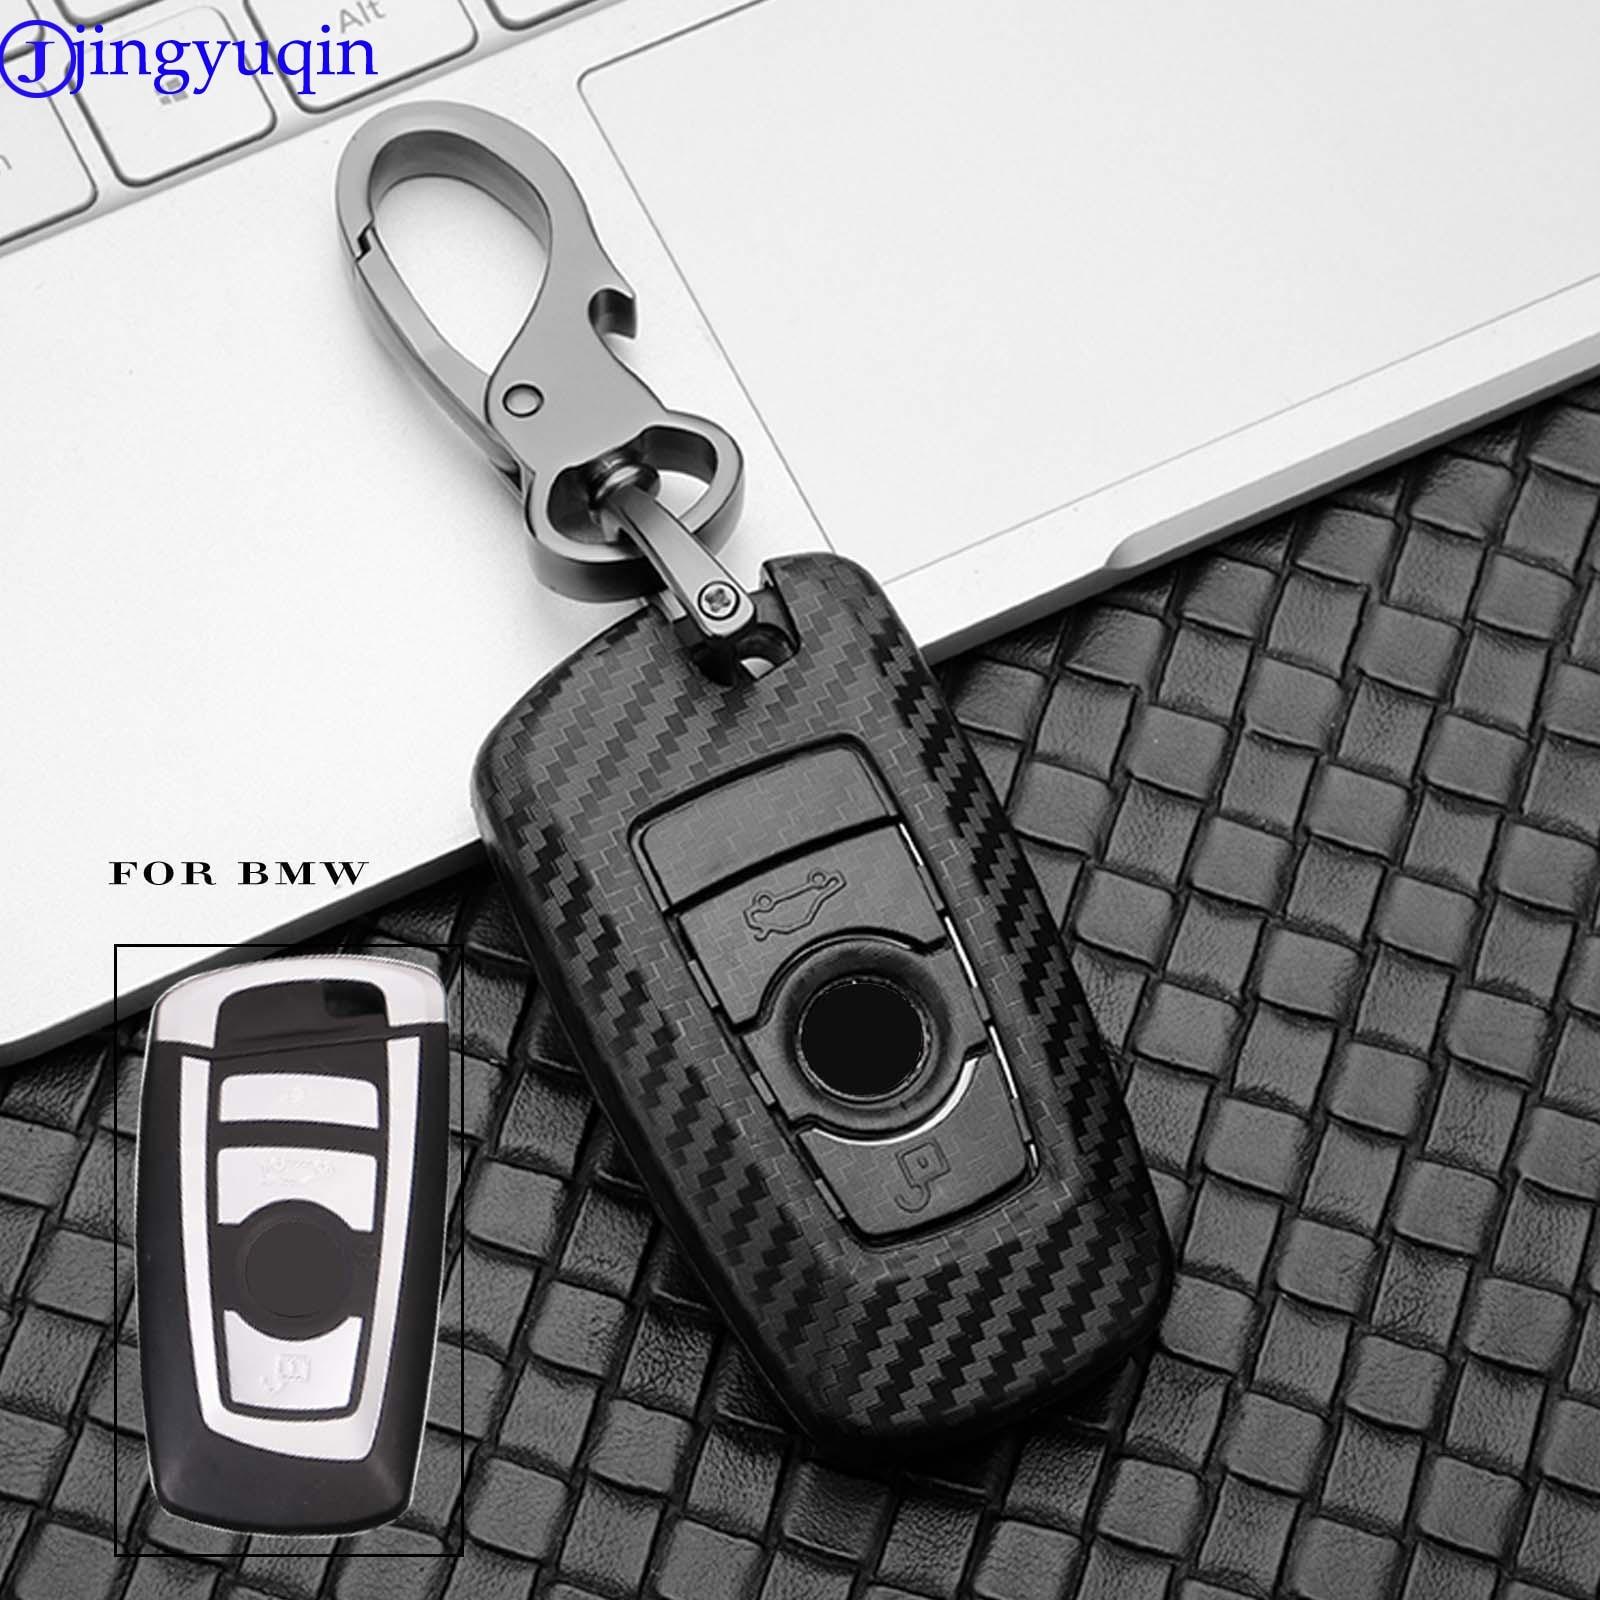 Jingyuqin Étui à Clés de Voiture Pour BMW 520 525 f30 f10 F18 118i 320i 1 3 5 7 Série X3 X4 M3 M4 M5 Voiture Styling Protection Clé Shell